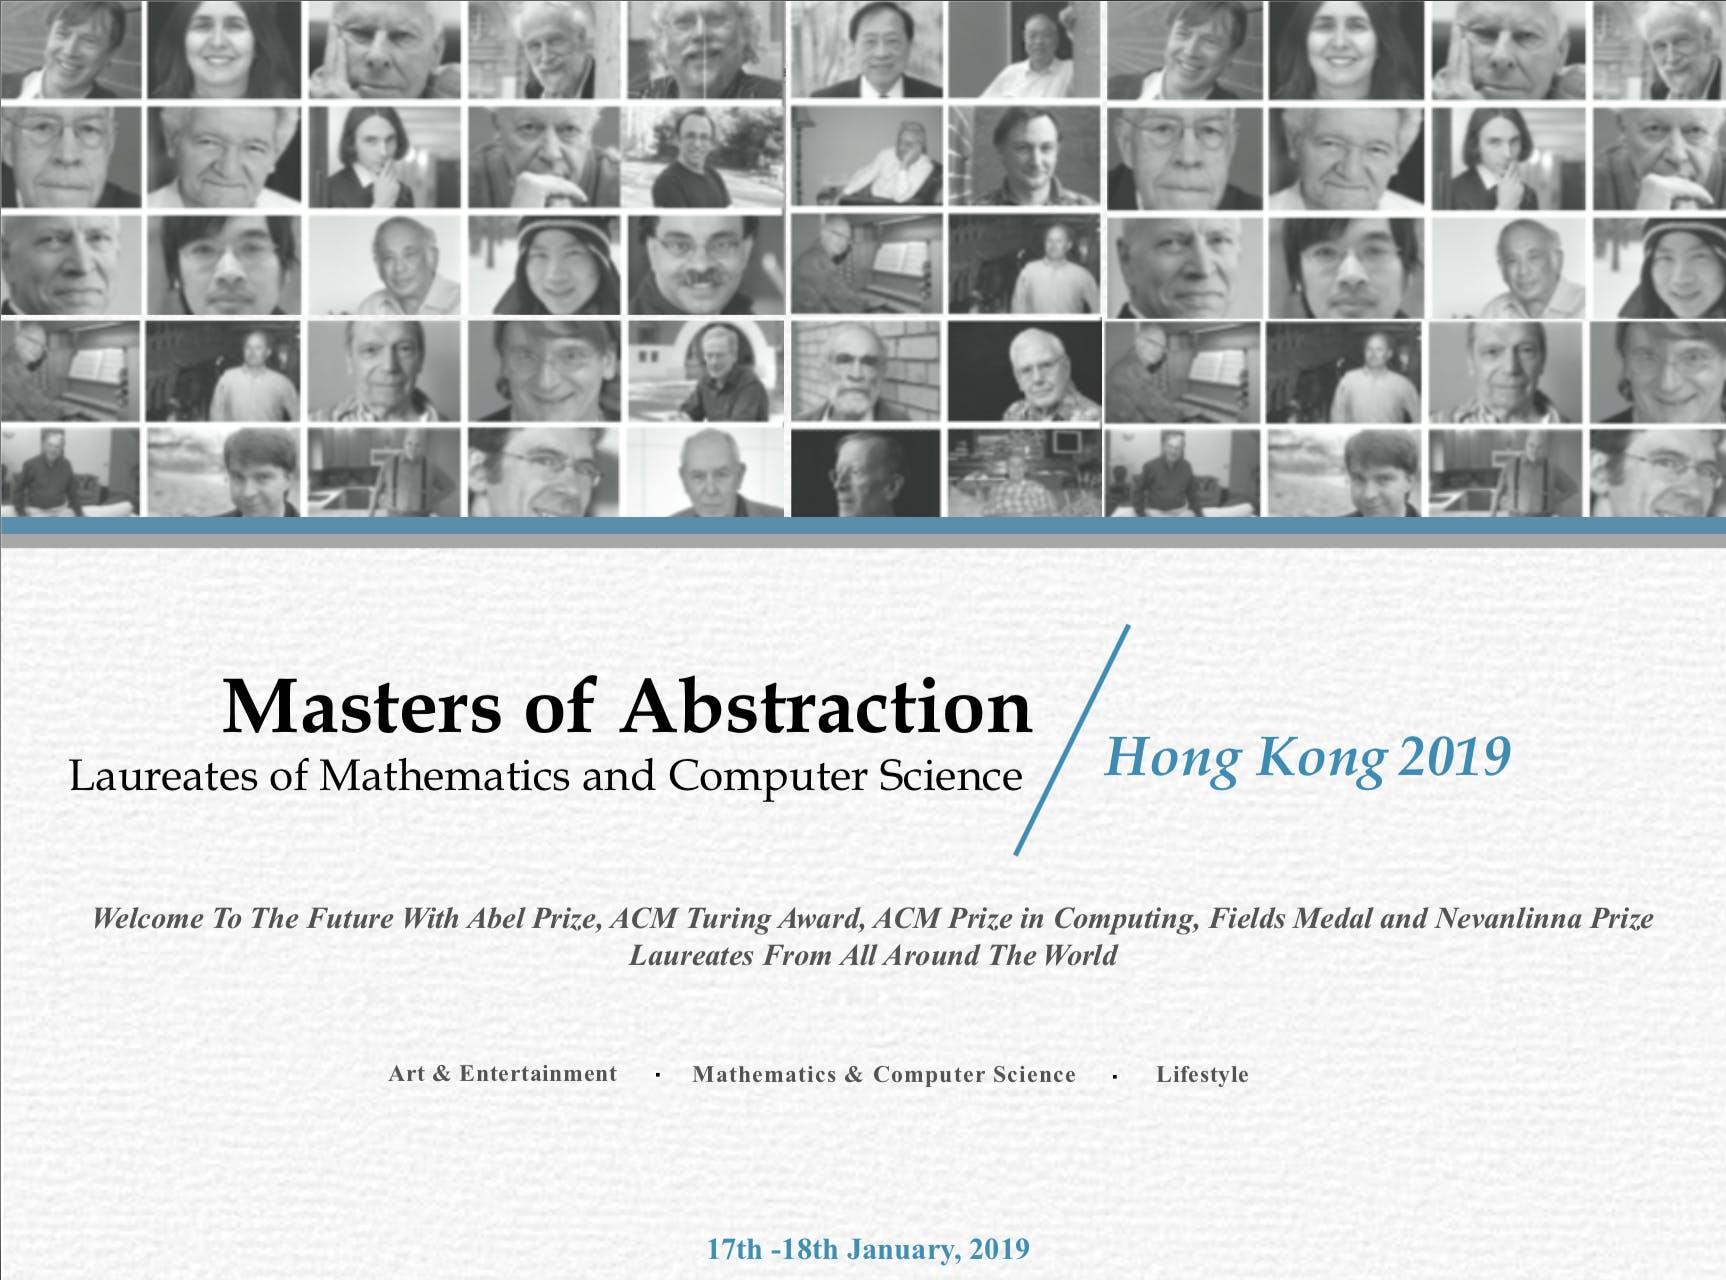 數學及計算機科學得獎者論壇 -  香港2019